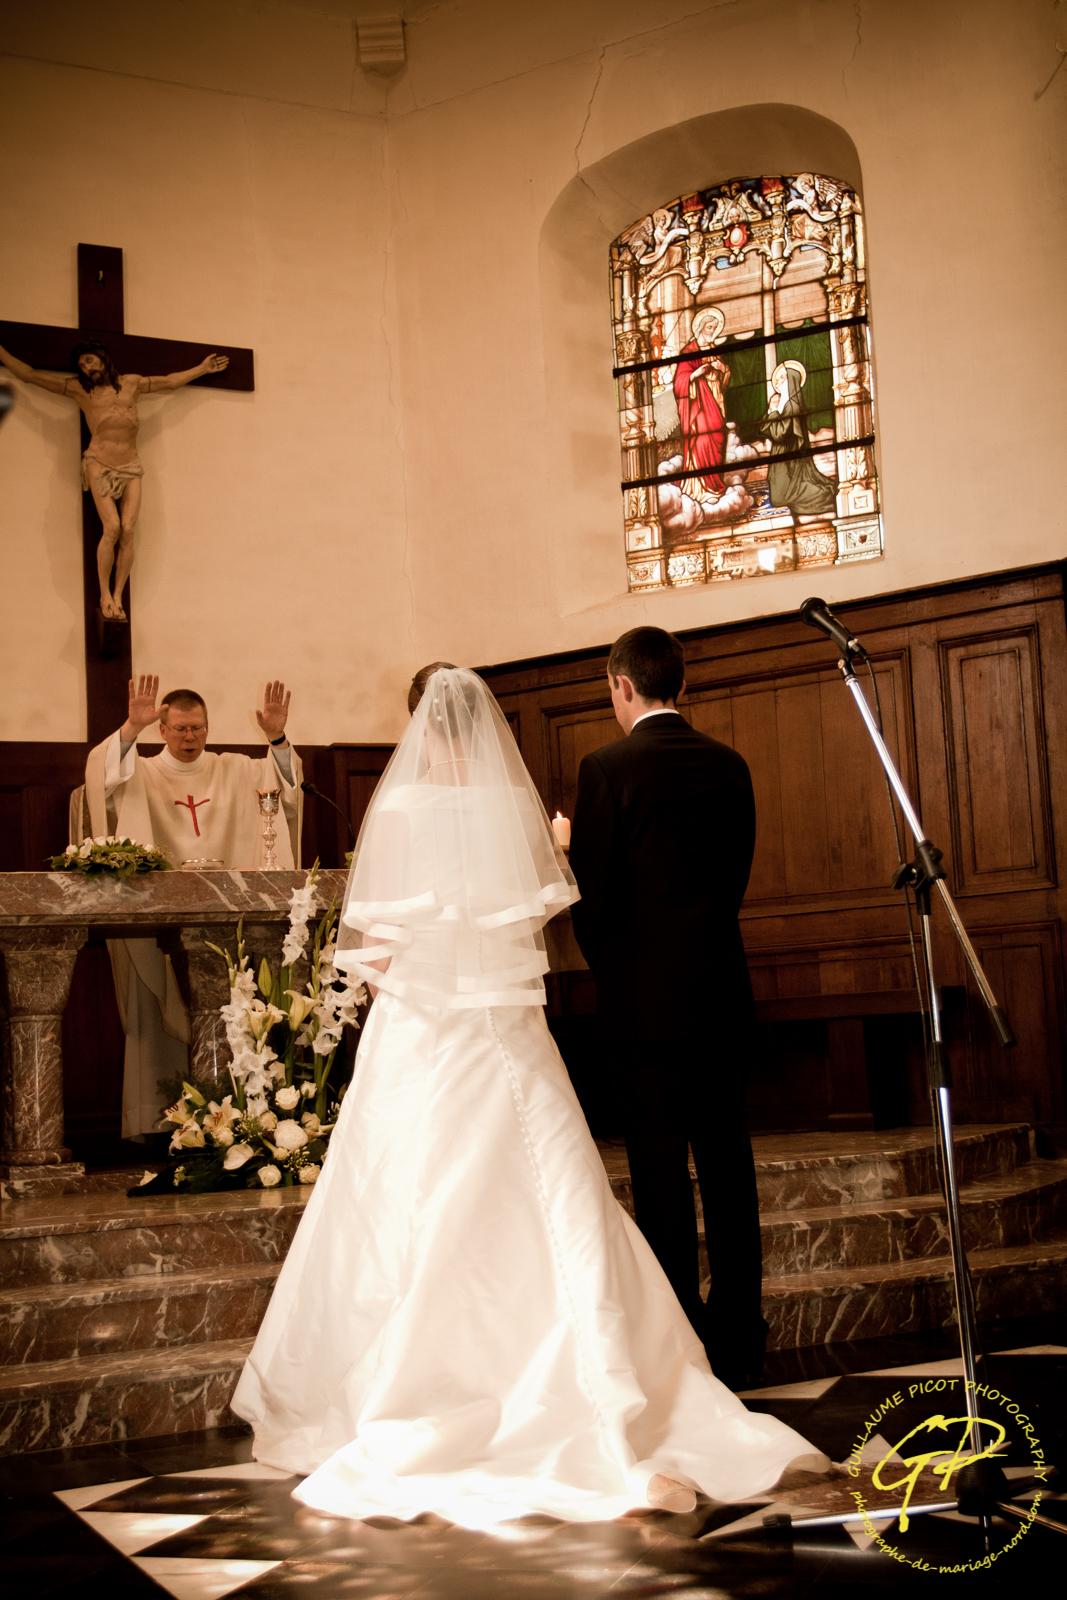 mariage ferme du reposoir kain-2-14